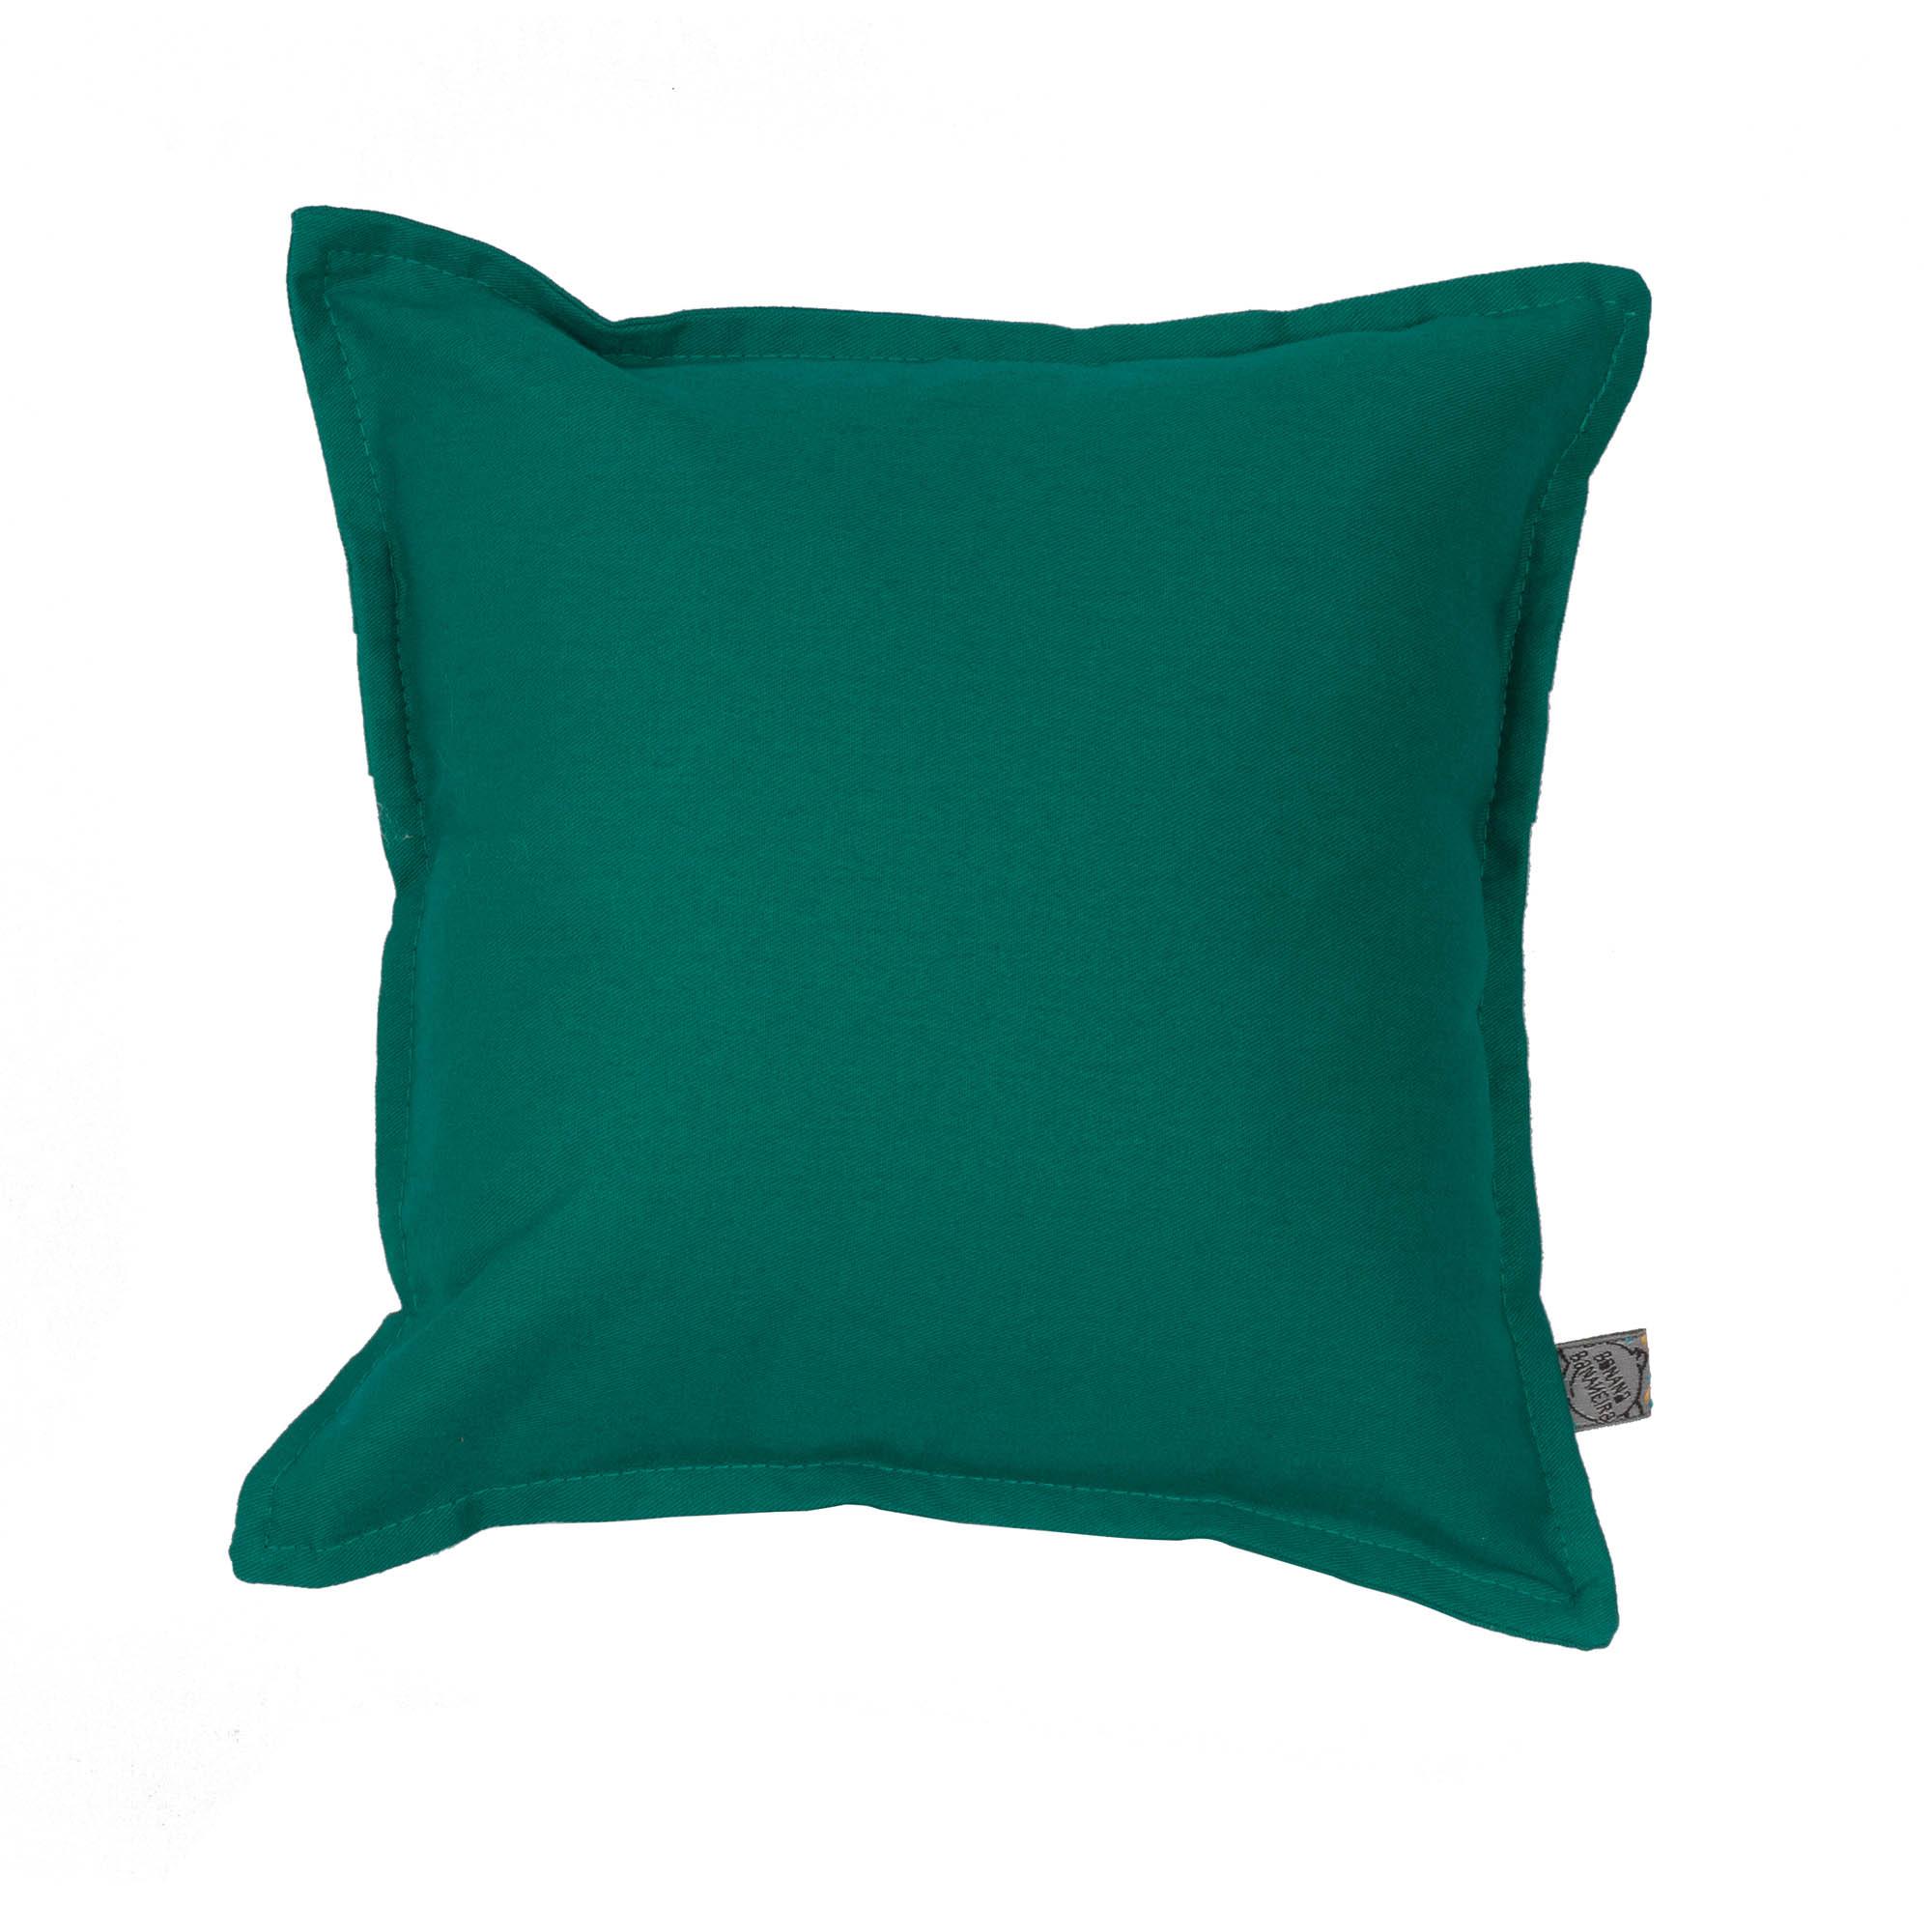 Almofada em pesponto 25 cm x 25 cm verde esmeralda